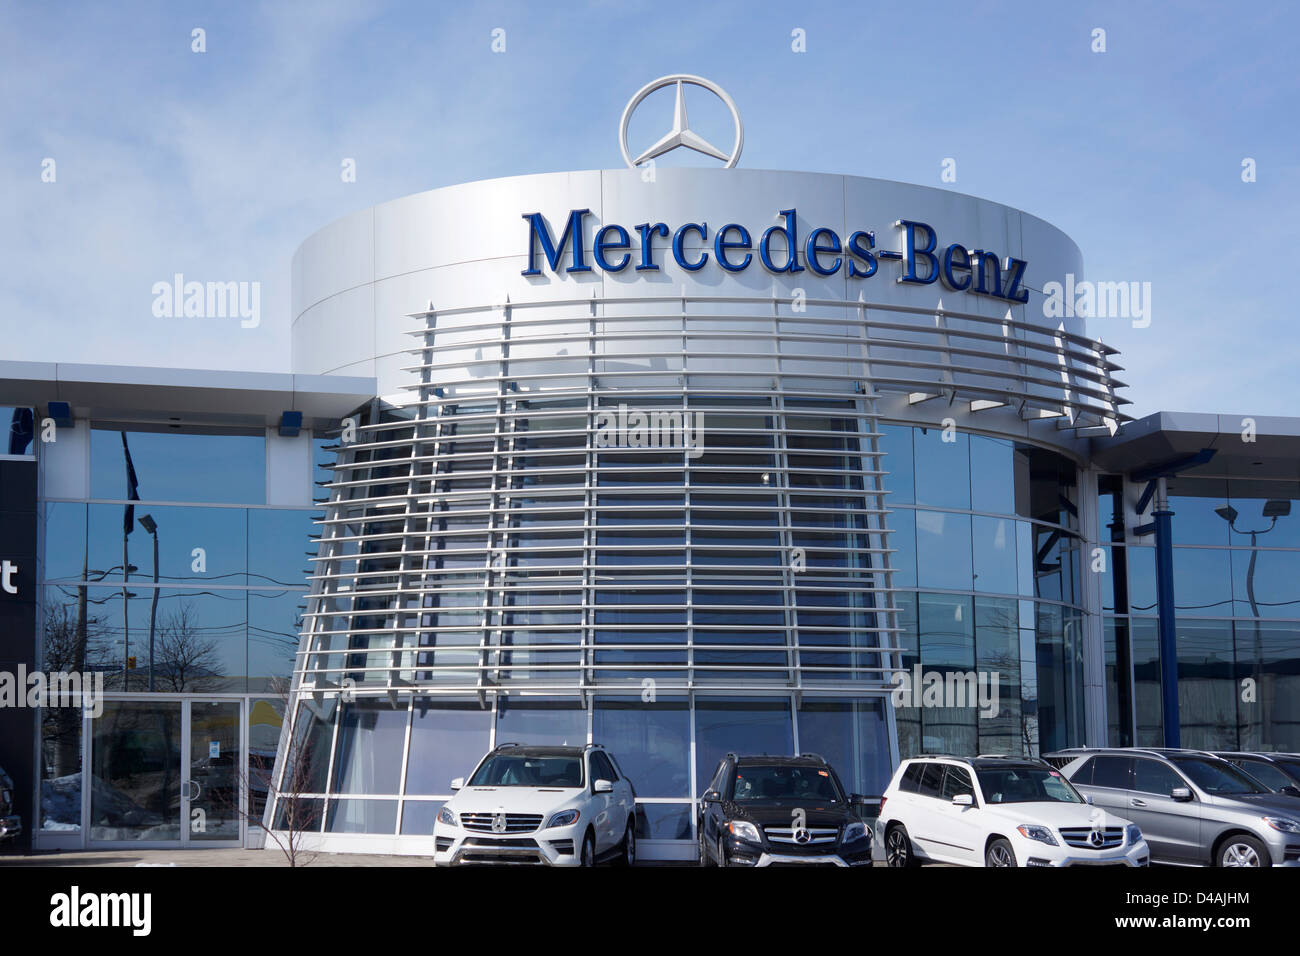 Mercedes Benz Dealership >> Mercedes Benz Dealership Ontario Canada Stock Photo